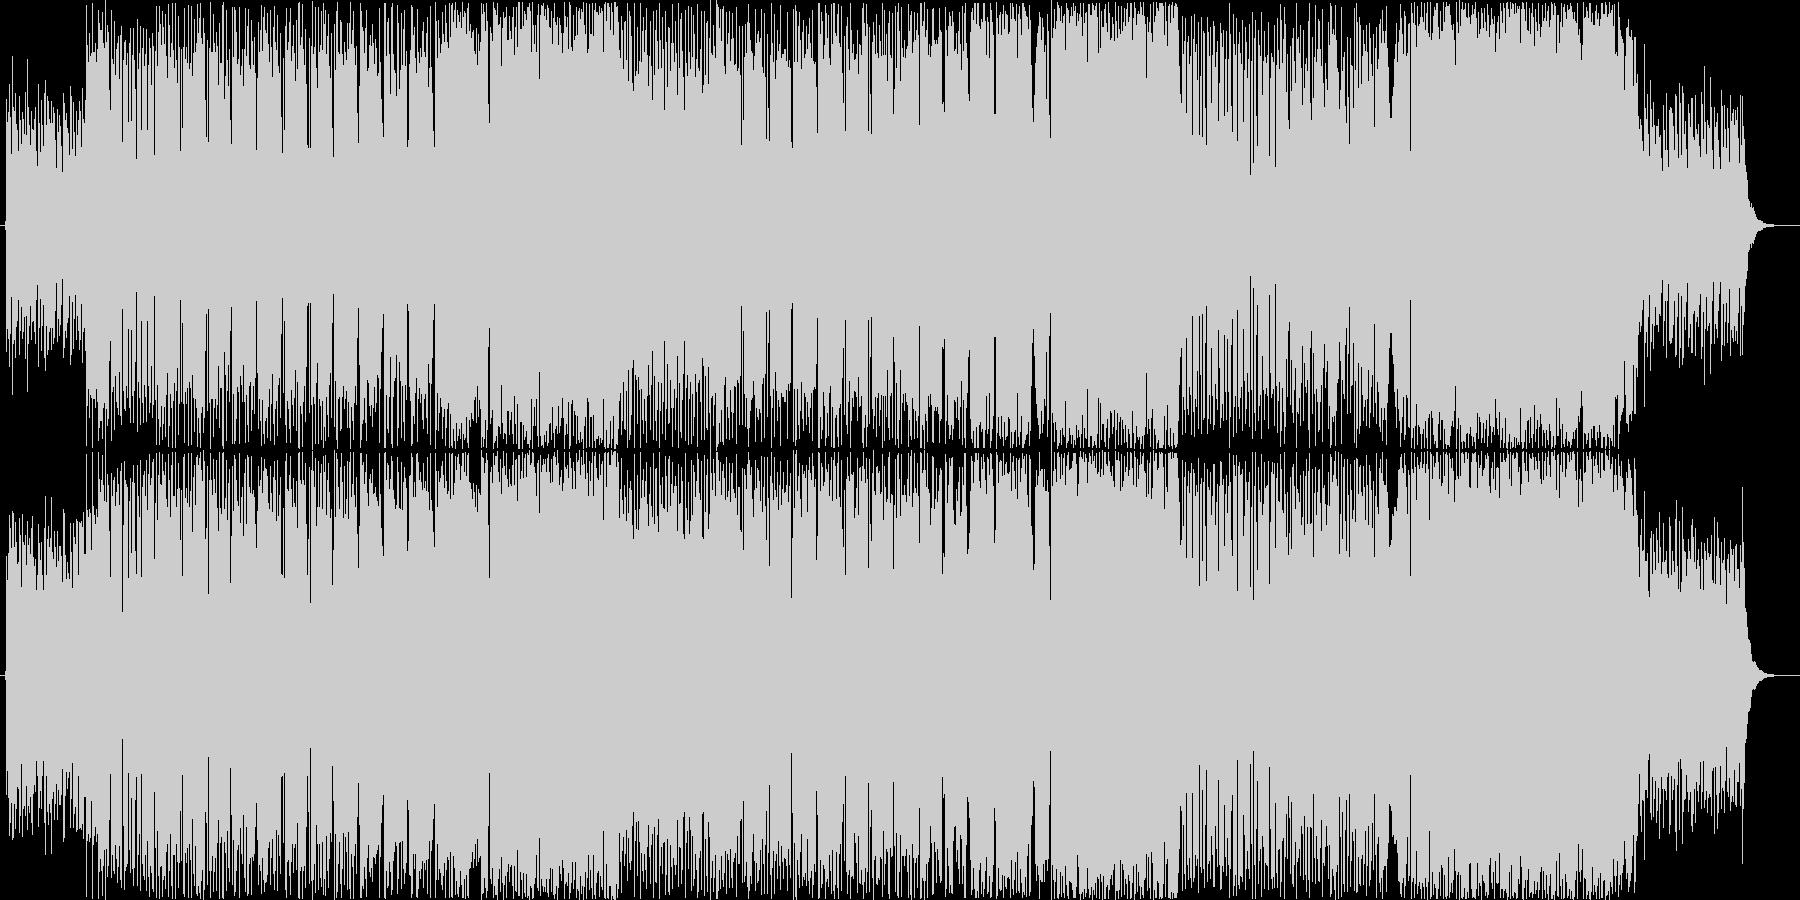 【フル】何処となく懐かしい感じの歌物楽曲の未再生の波形